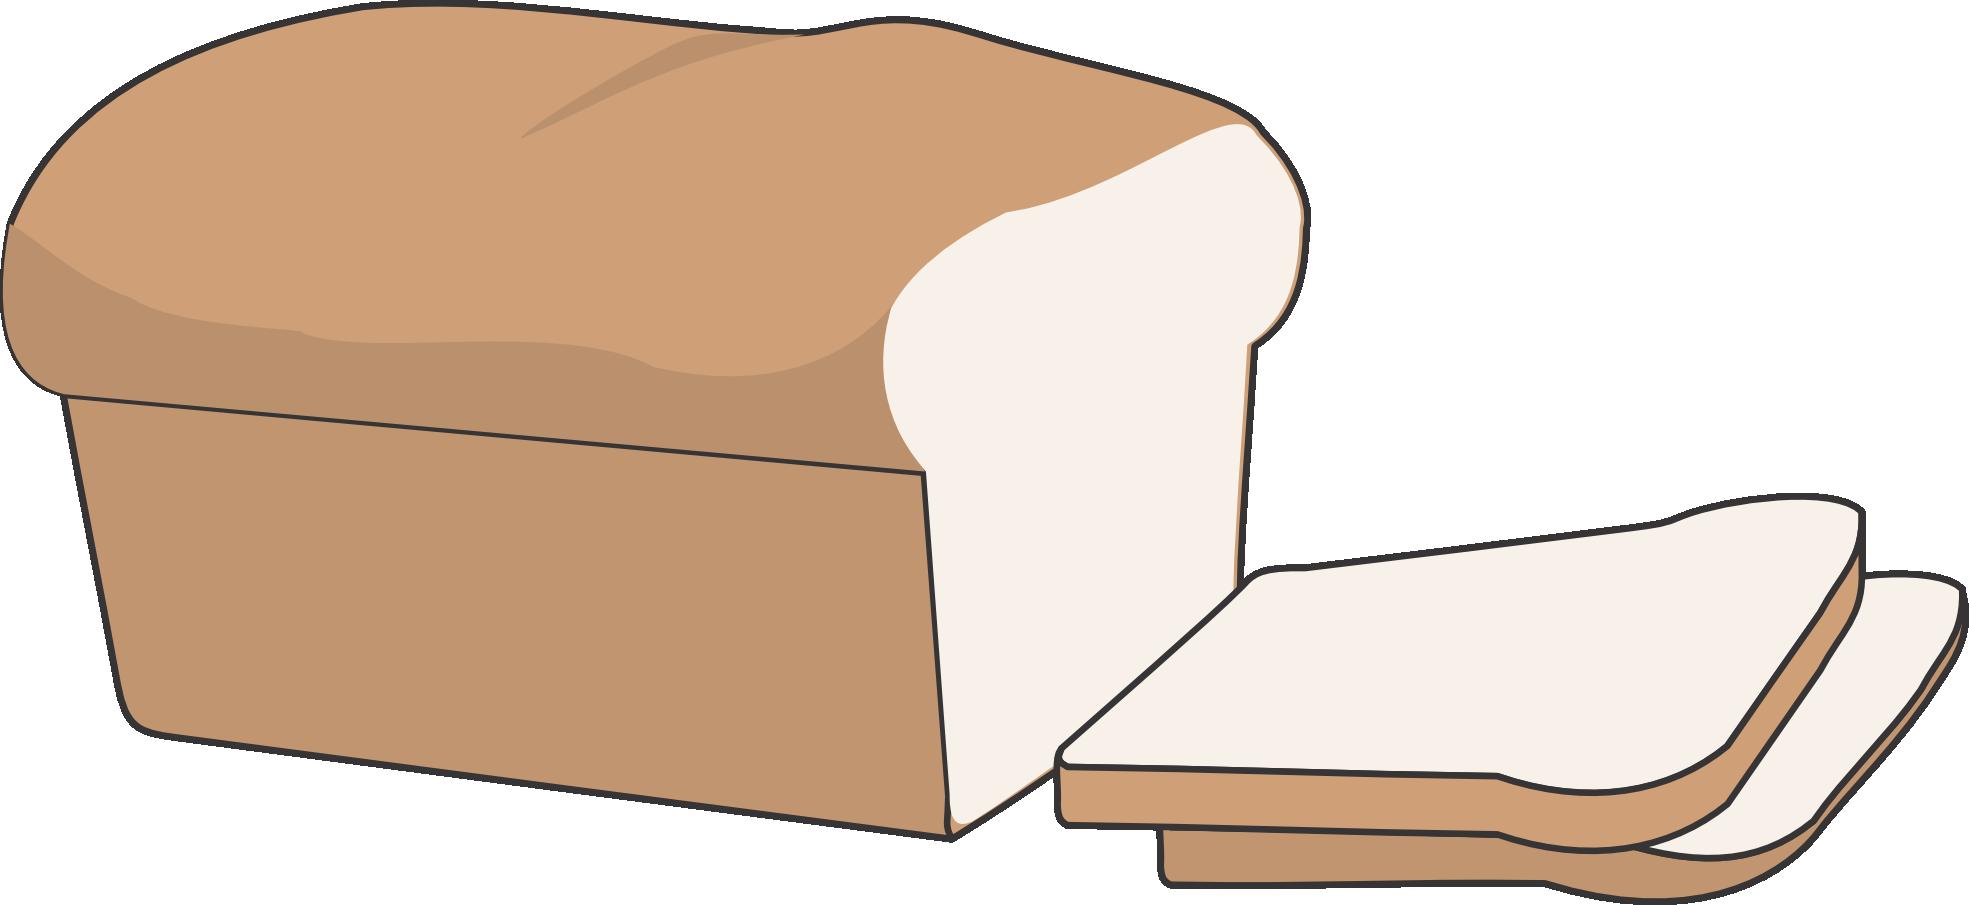 Free Clip Art Wheat Bread.